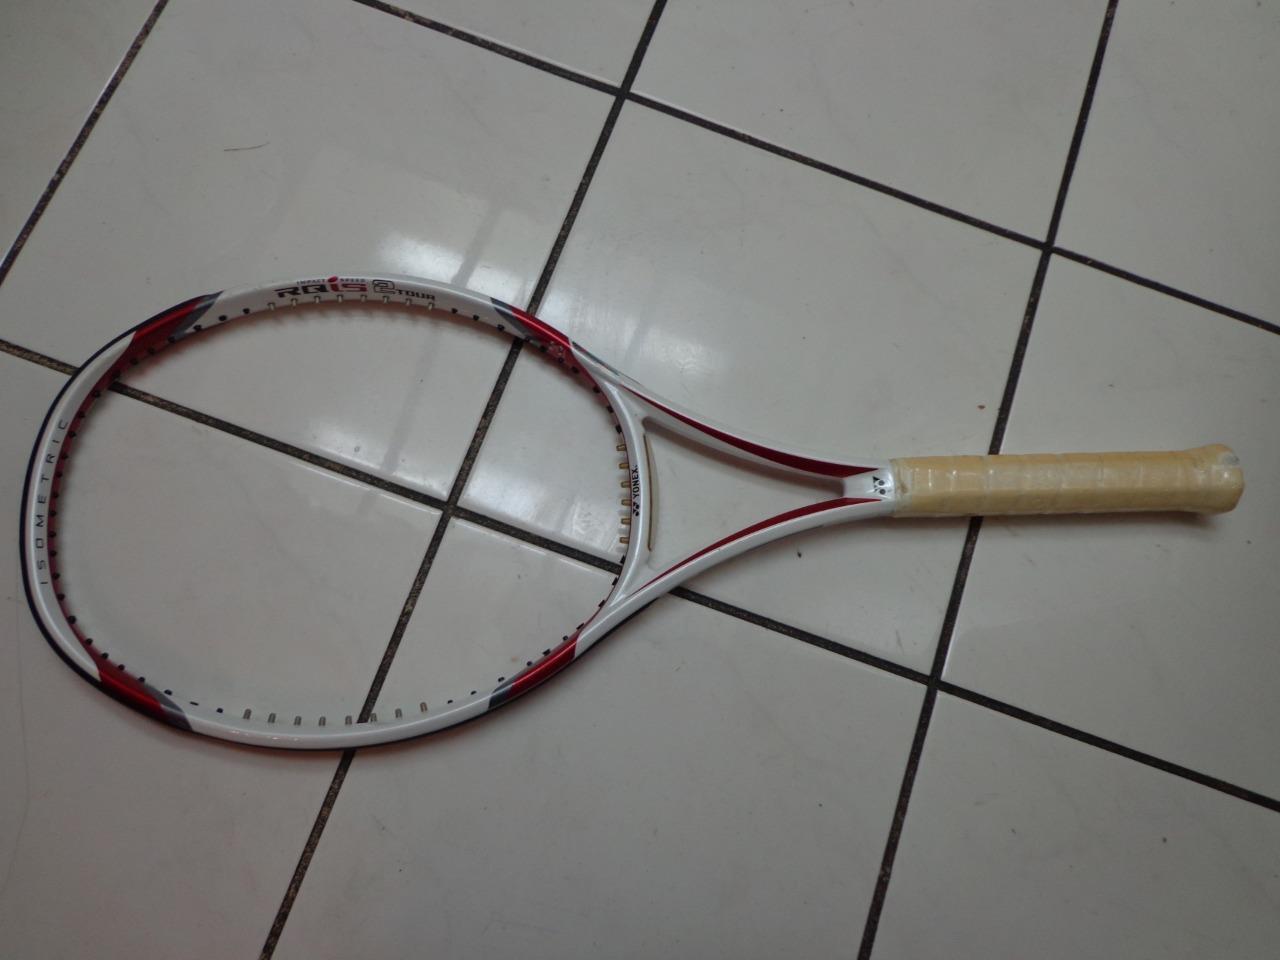 NEW Yonex RQ IS Tour 2 100 head 288 grams 4 3 8 grip Tennis Racquet